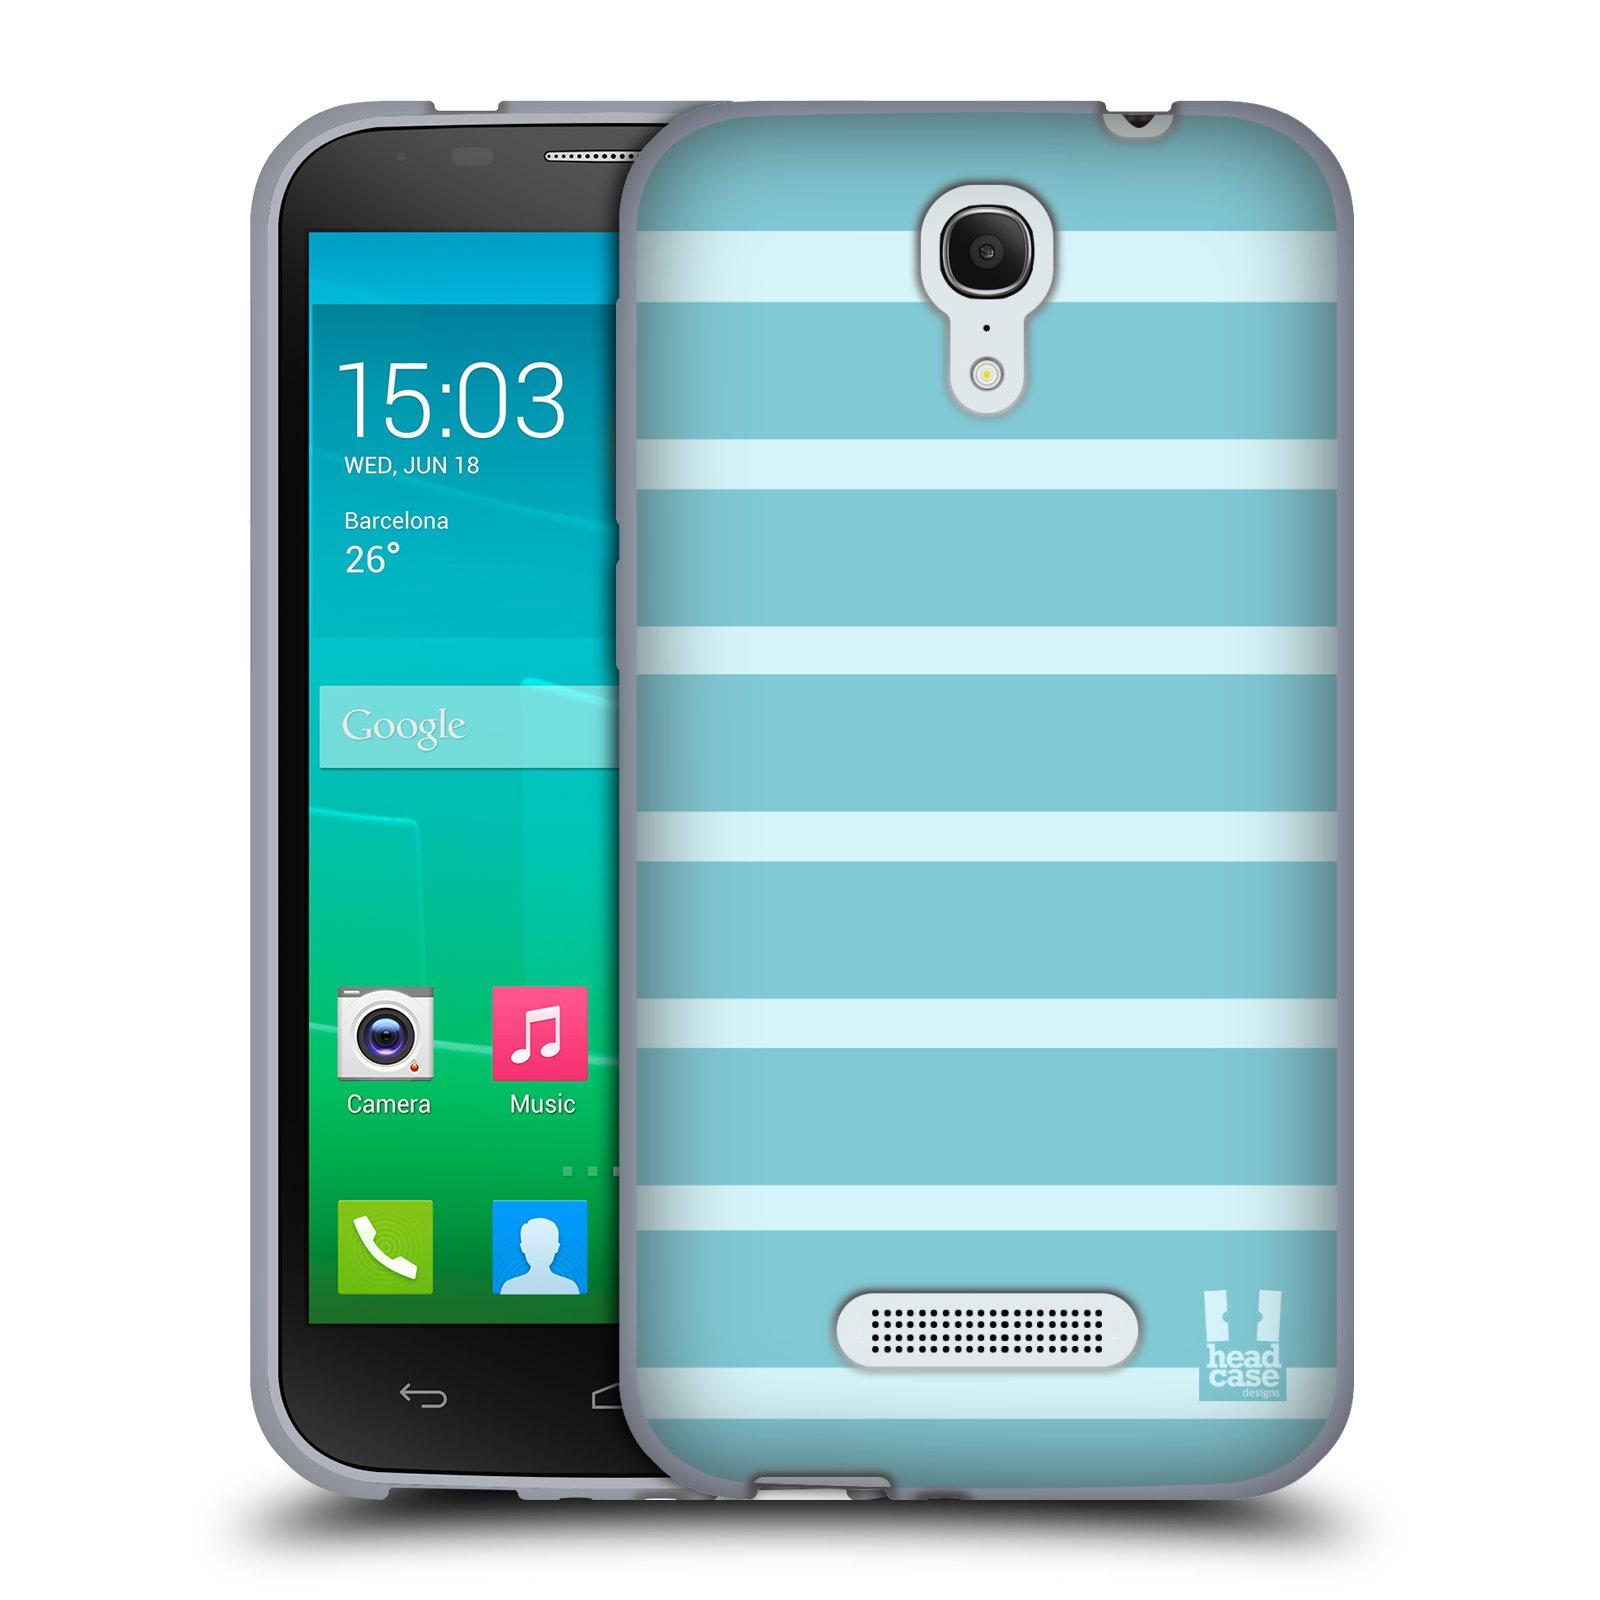 HEAD CASE silikonový obal na mobil Alcatel POP S7 vzor Barevné proužky MODRÁ A BÍLÁ